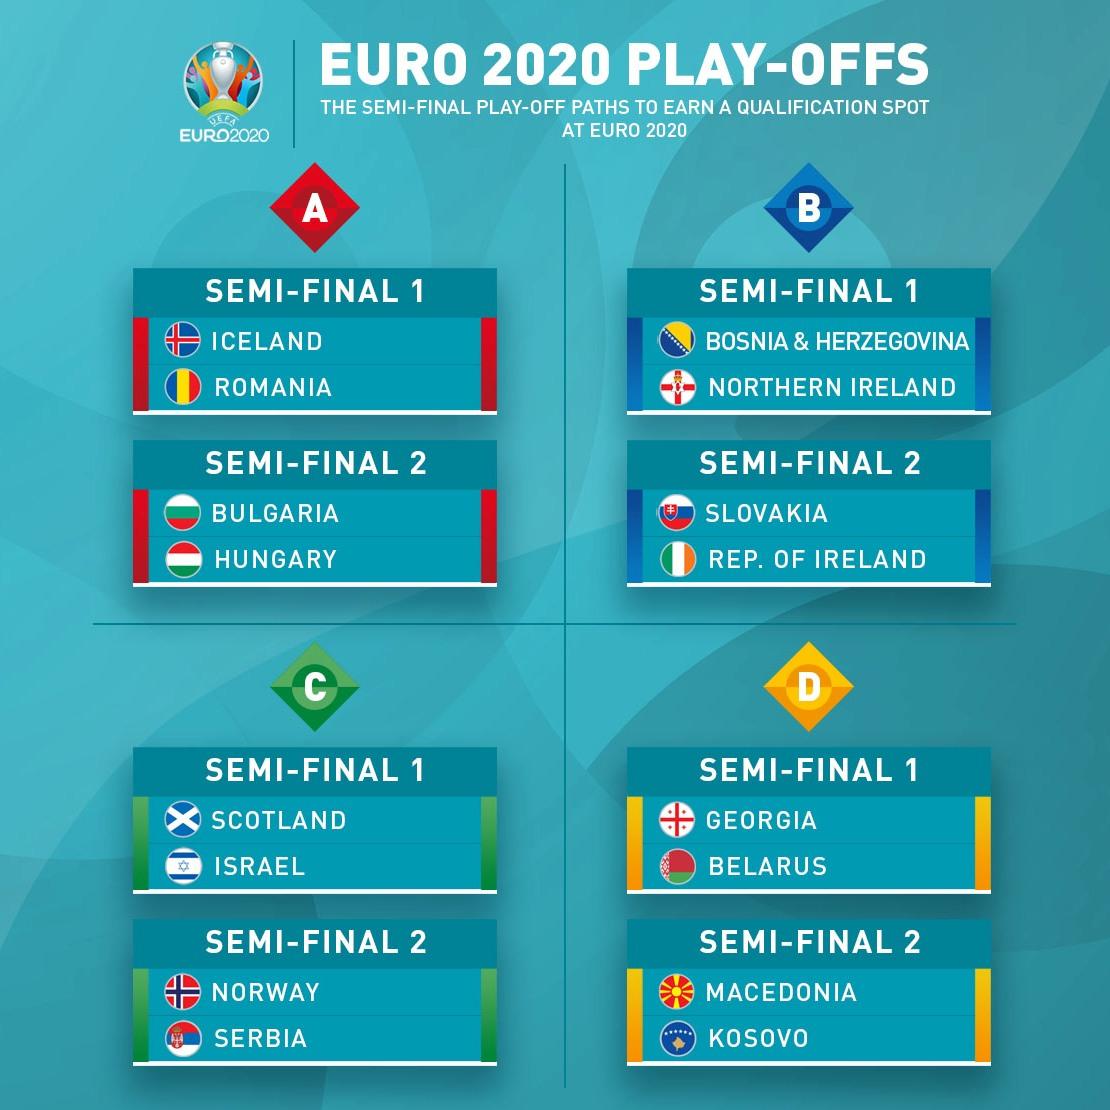 Стыковые футбольные матчи, чемпионат Европы по футболу, Евро 2020, футбол, Беларусь, Грузия, Северная Македония, Косово, Исландия, Румыния, Венгрия, Болгария, Шотландия, Израиль, Норвегия, Сербия, Босния и Герцеговина, Северная Ирландия, Словакия, Ирландия, спорт, УЕФА